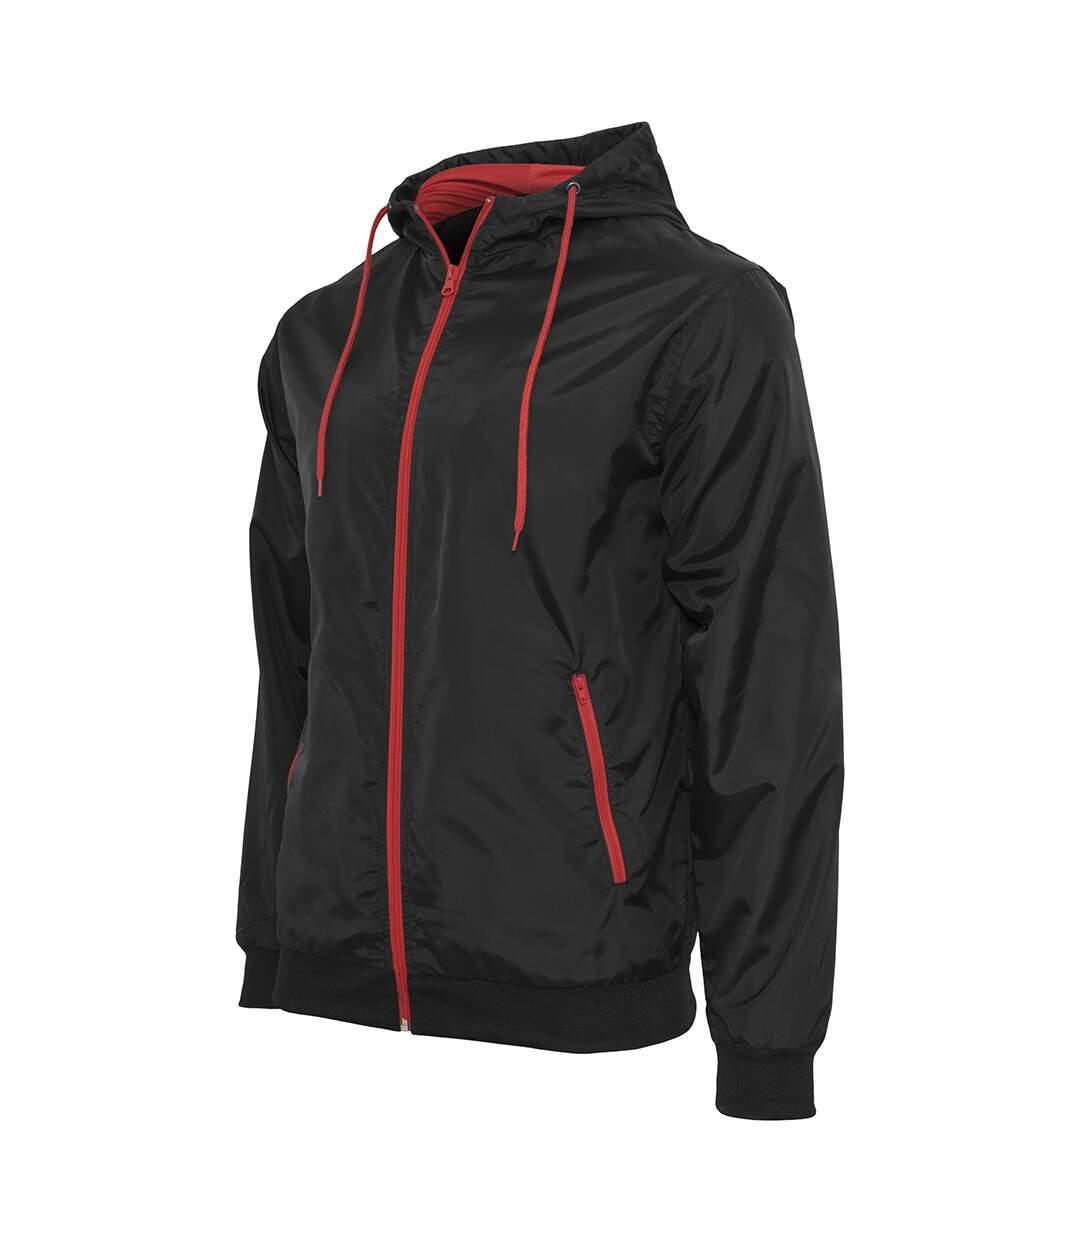 Build Your Brand Mens Zip Up Wind Runner Jacket (Black/Red) - UTRW5676